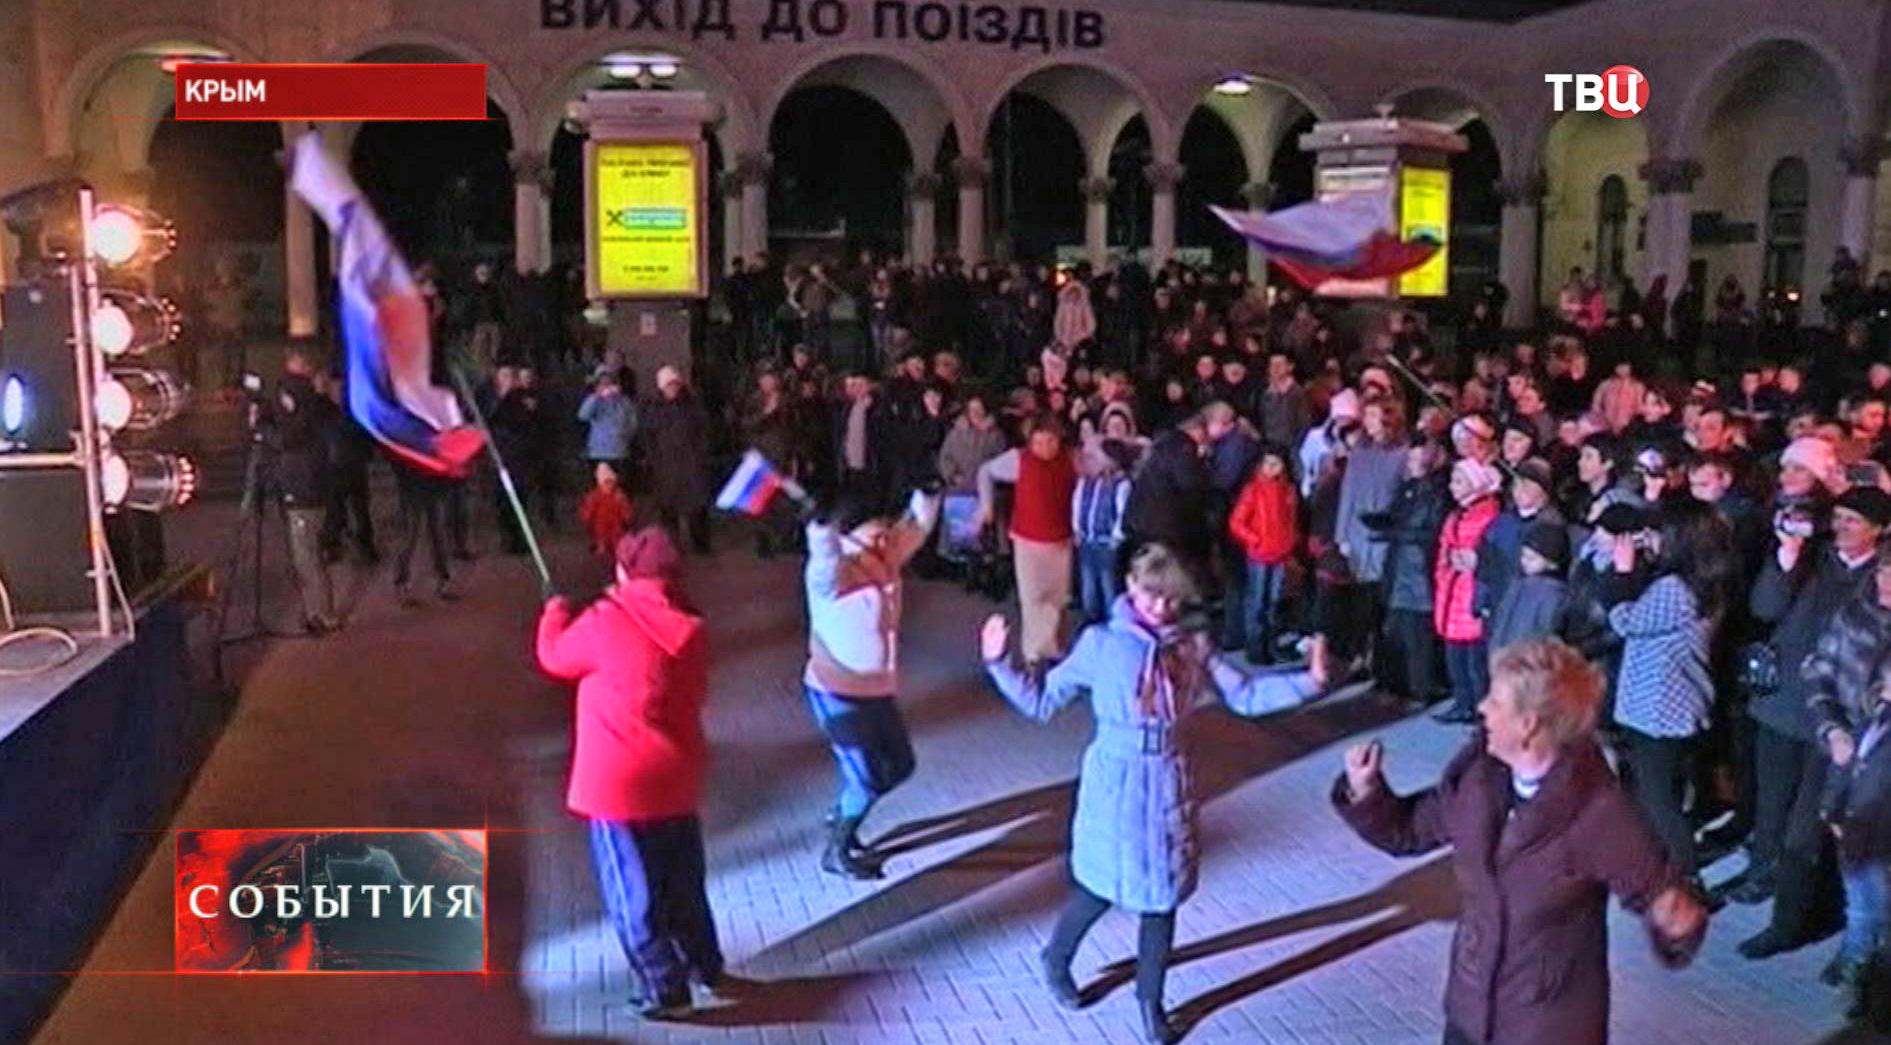 Гуляния в Крыму